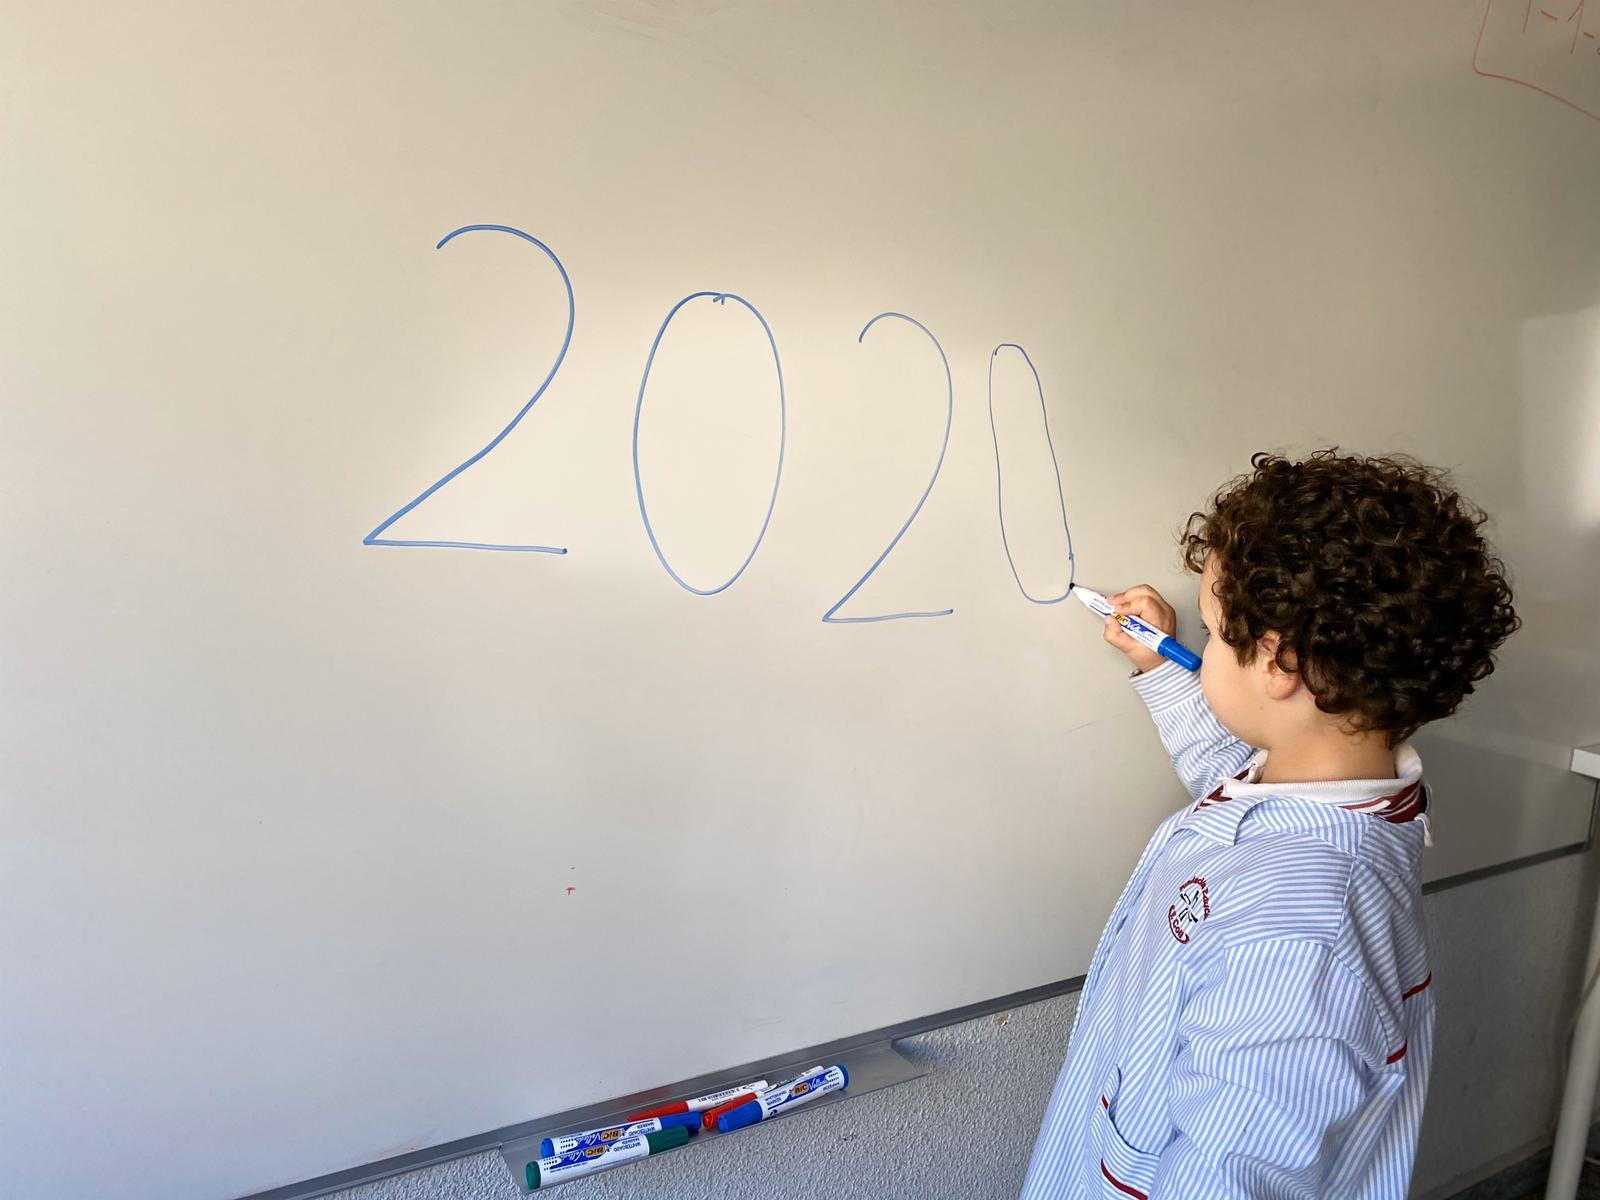 feliz_2020_fefc_200108